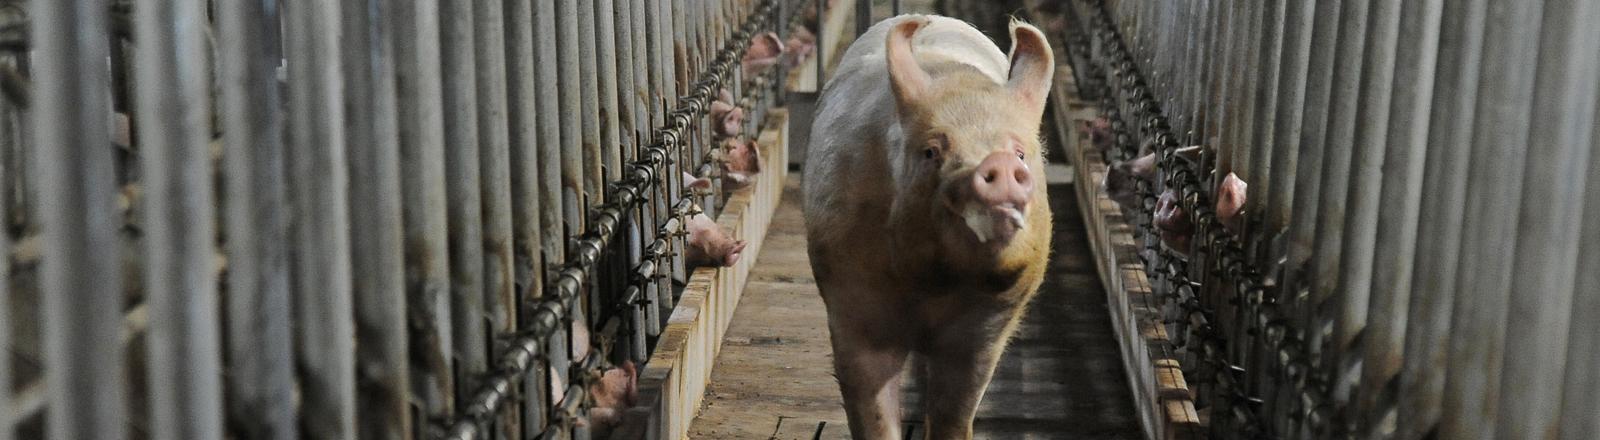 Schwein in einer Massentierhaltung